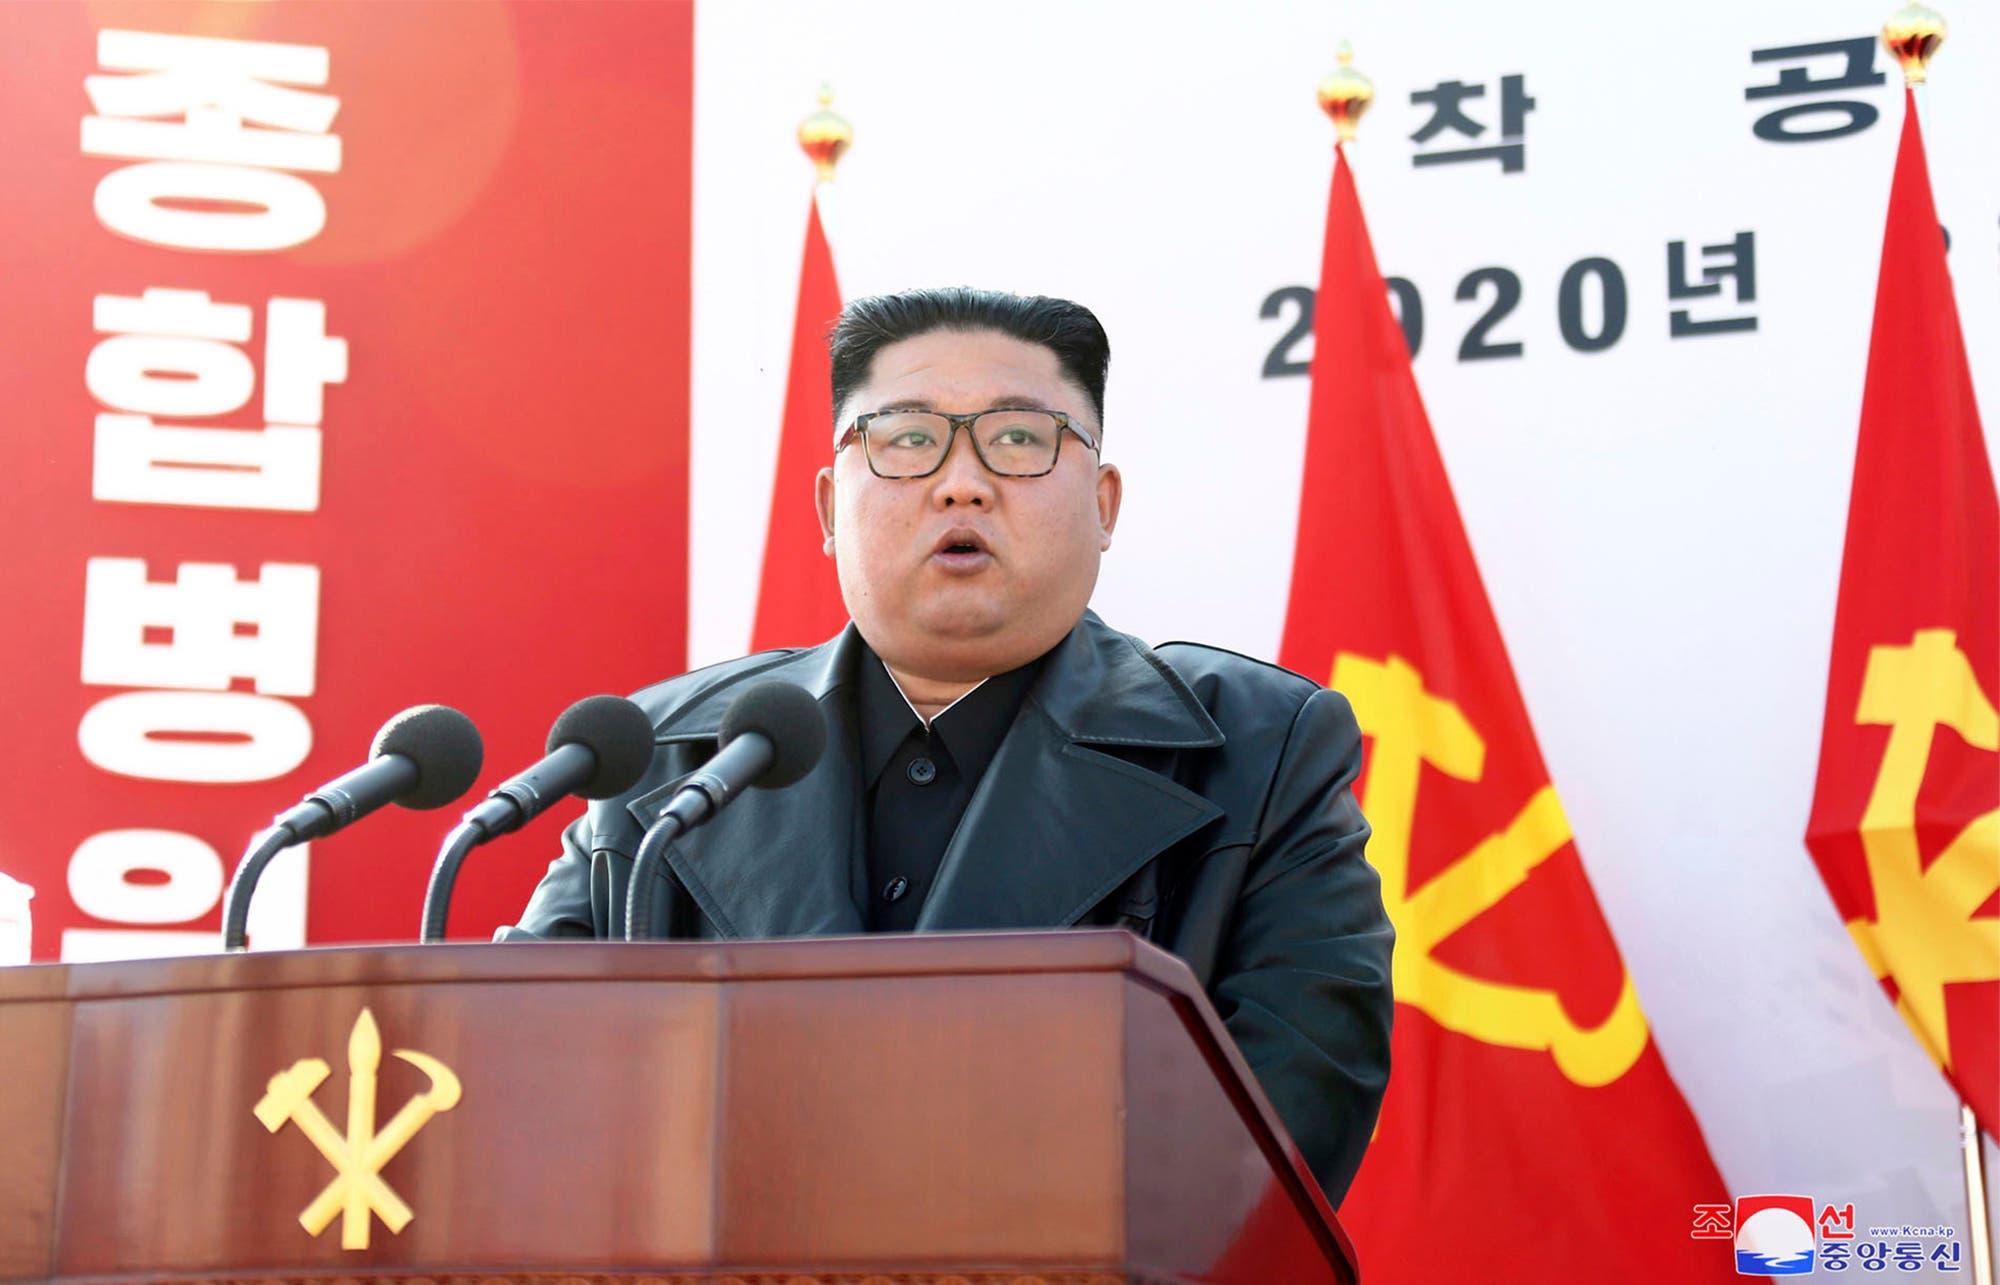 «Ätsch, meine Raketen sind grösser als deine», meint Donald Trump und nennt Kim Jong Un deshalb Little Rocket Man.